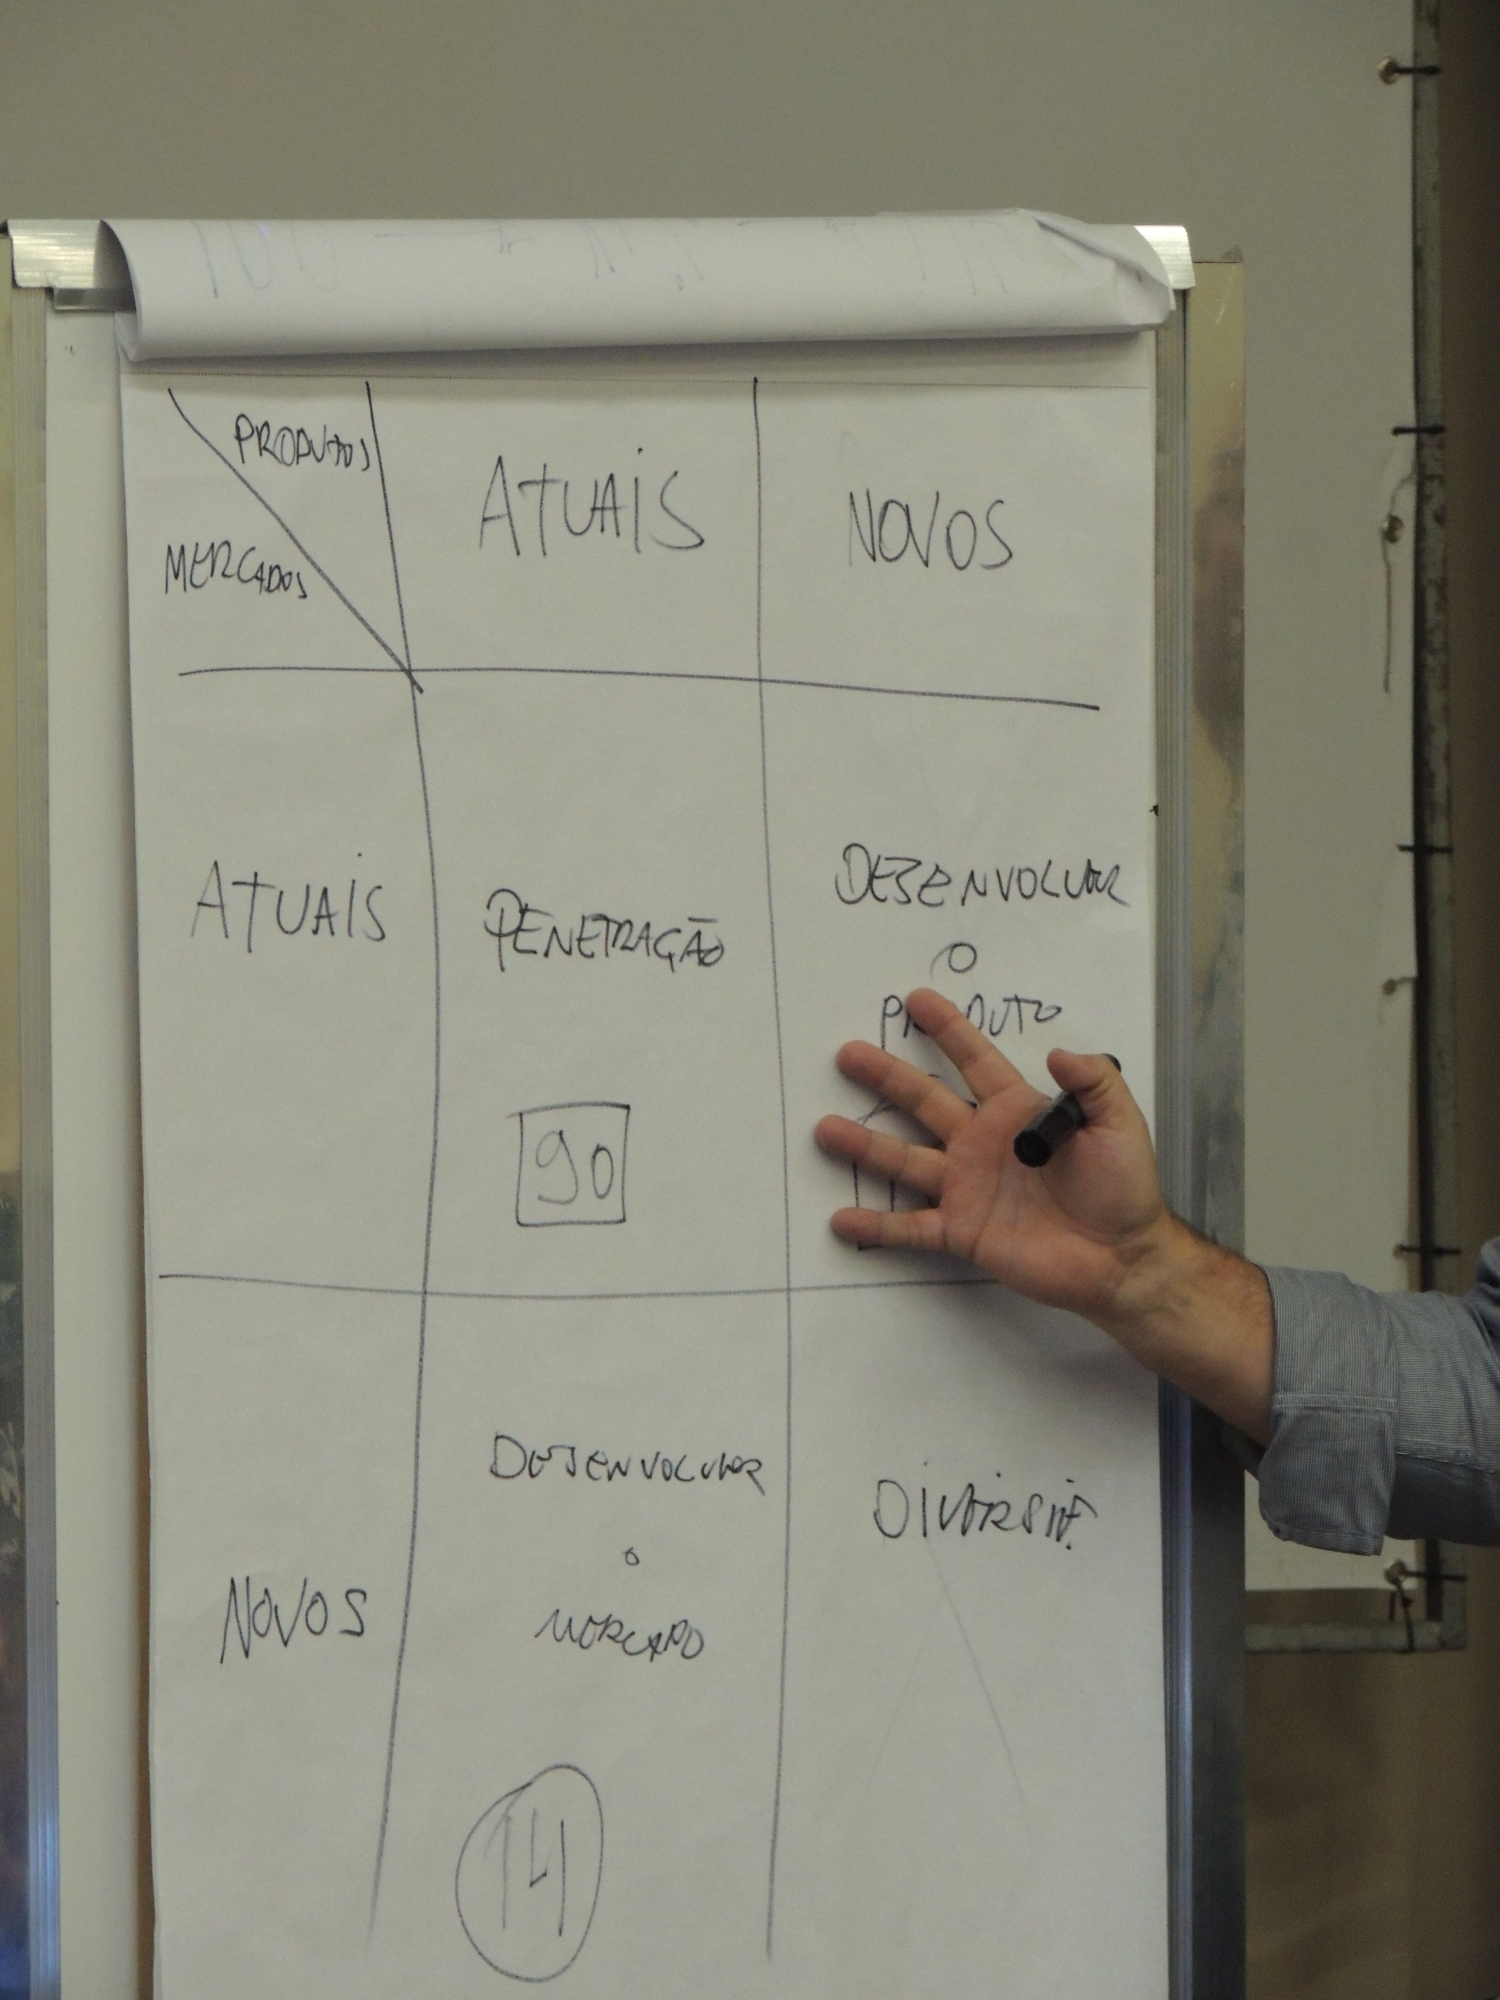 pdd-estrategia-empresarial-02jpgt6BHyGYrdUr66YgZZKKQ